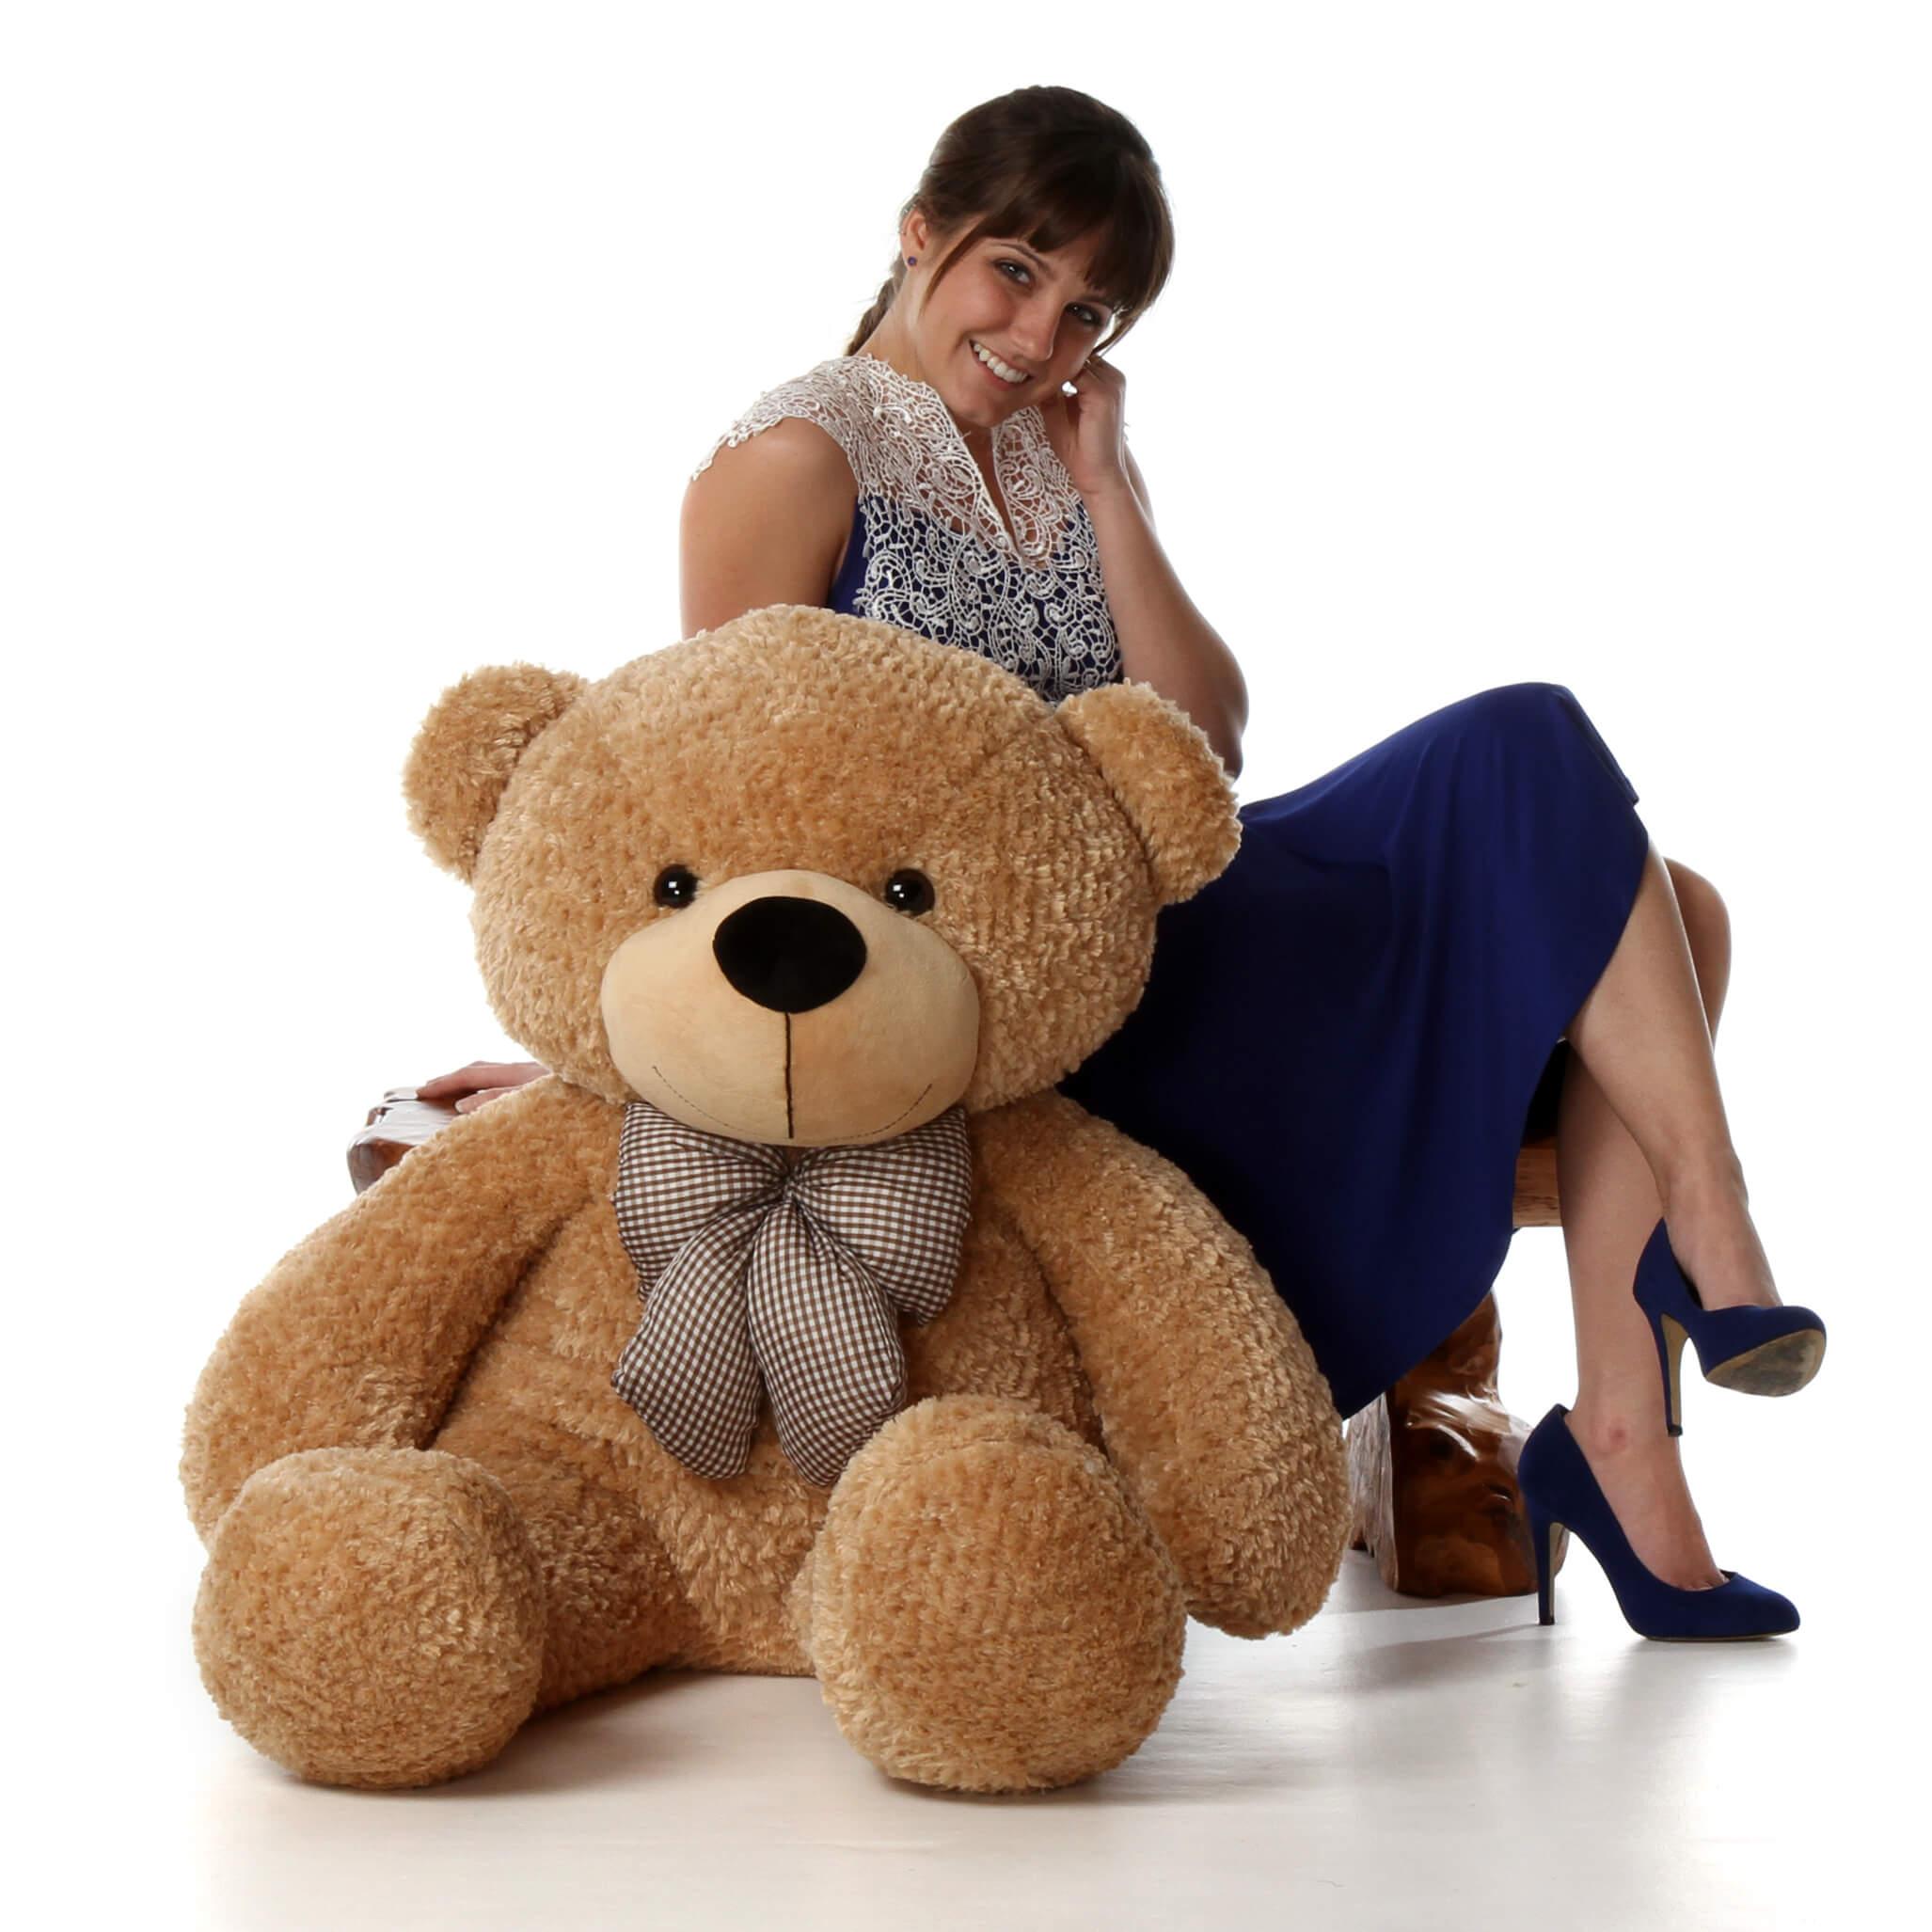 life-size-amber-brown-teddy-bear-shaggy-cuddles-48in-1.jpg